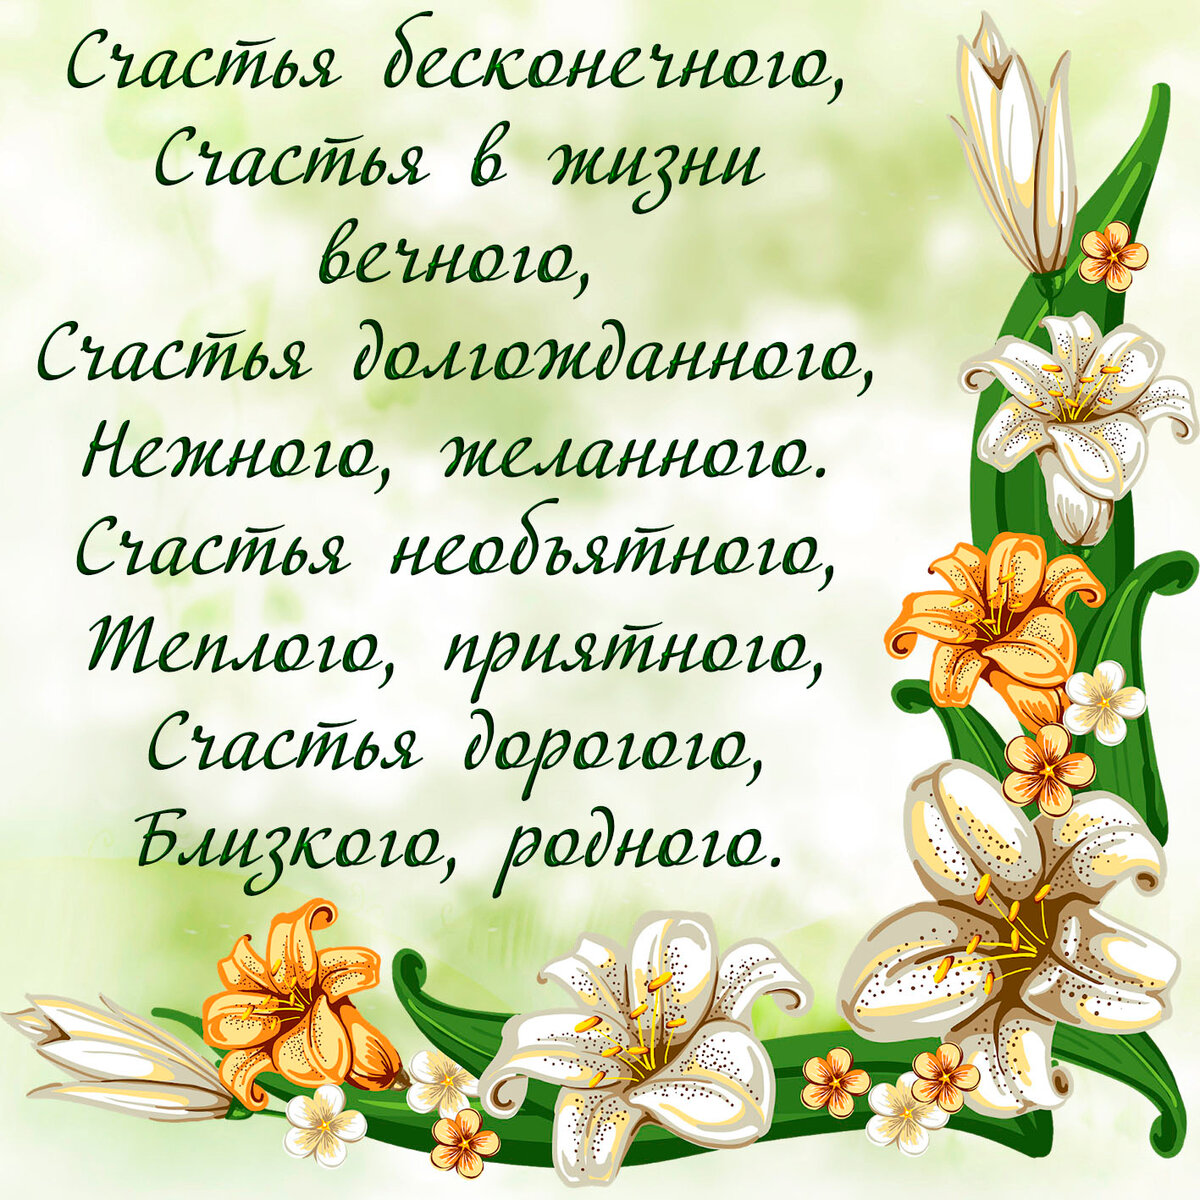 Стихи с наилучшими пожеланиями поздравления